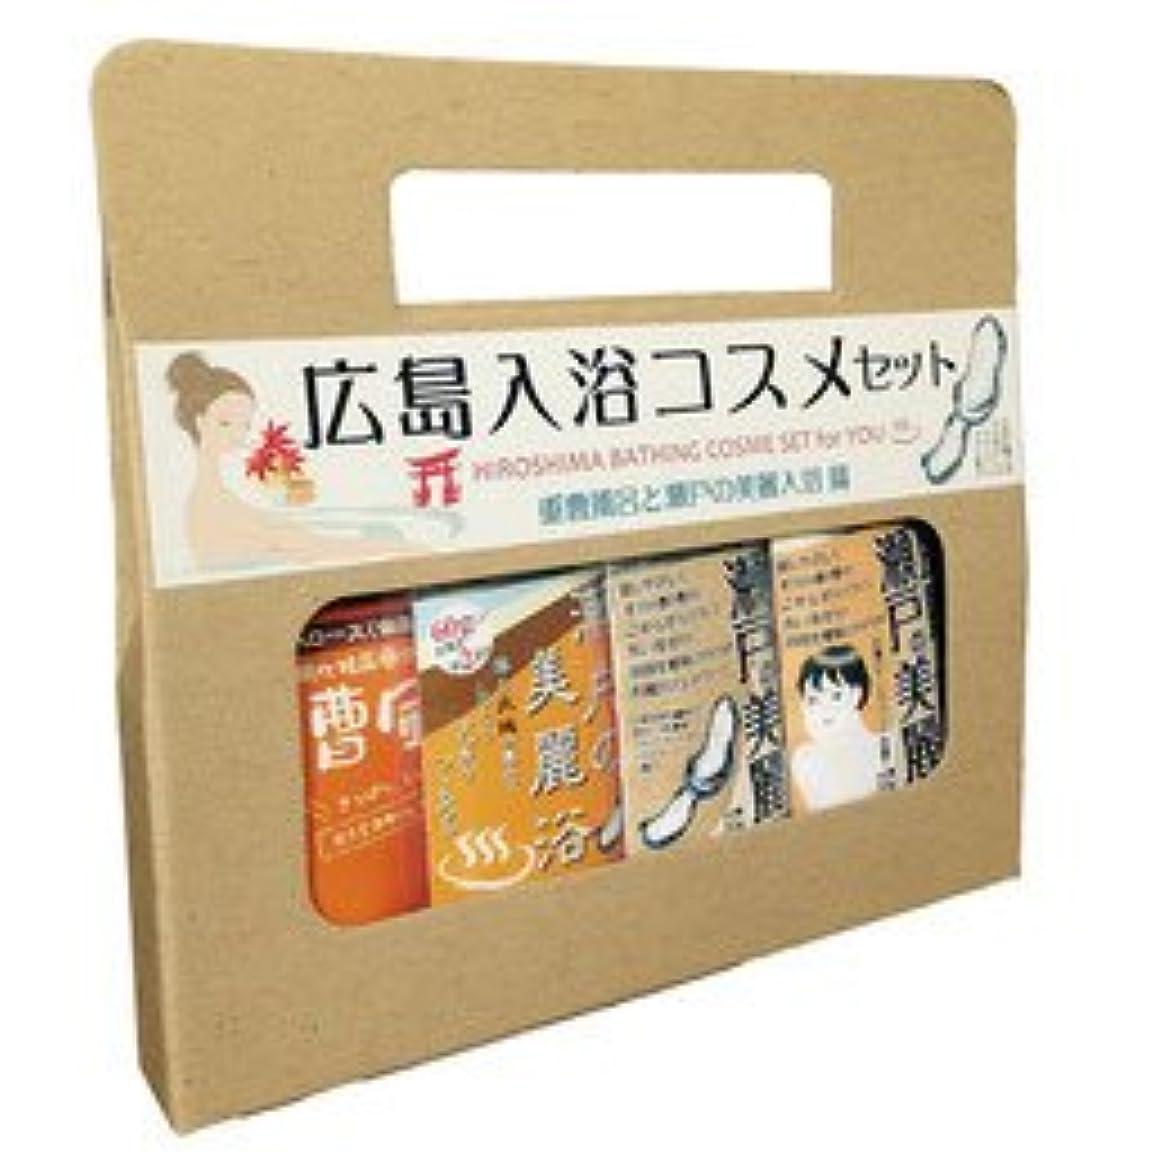 微妙マイナー有効広島入浴??????重曹美麗4袋入 #767026【石井五商店】